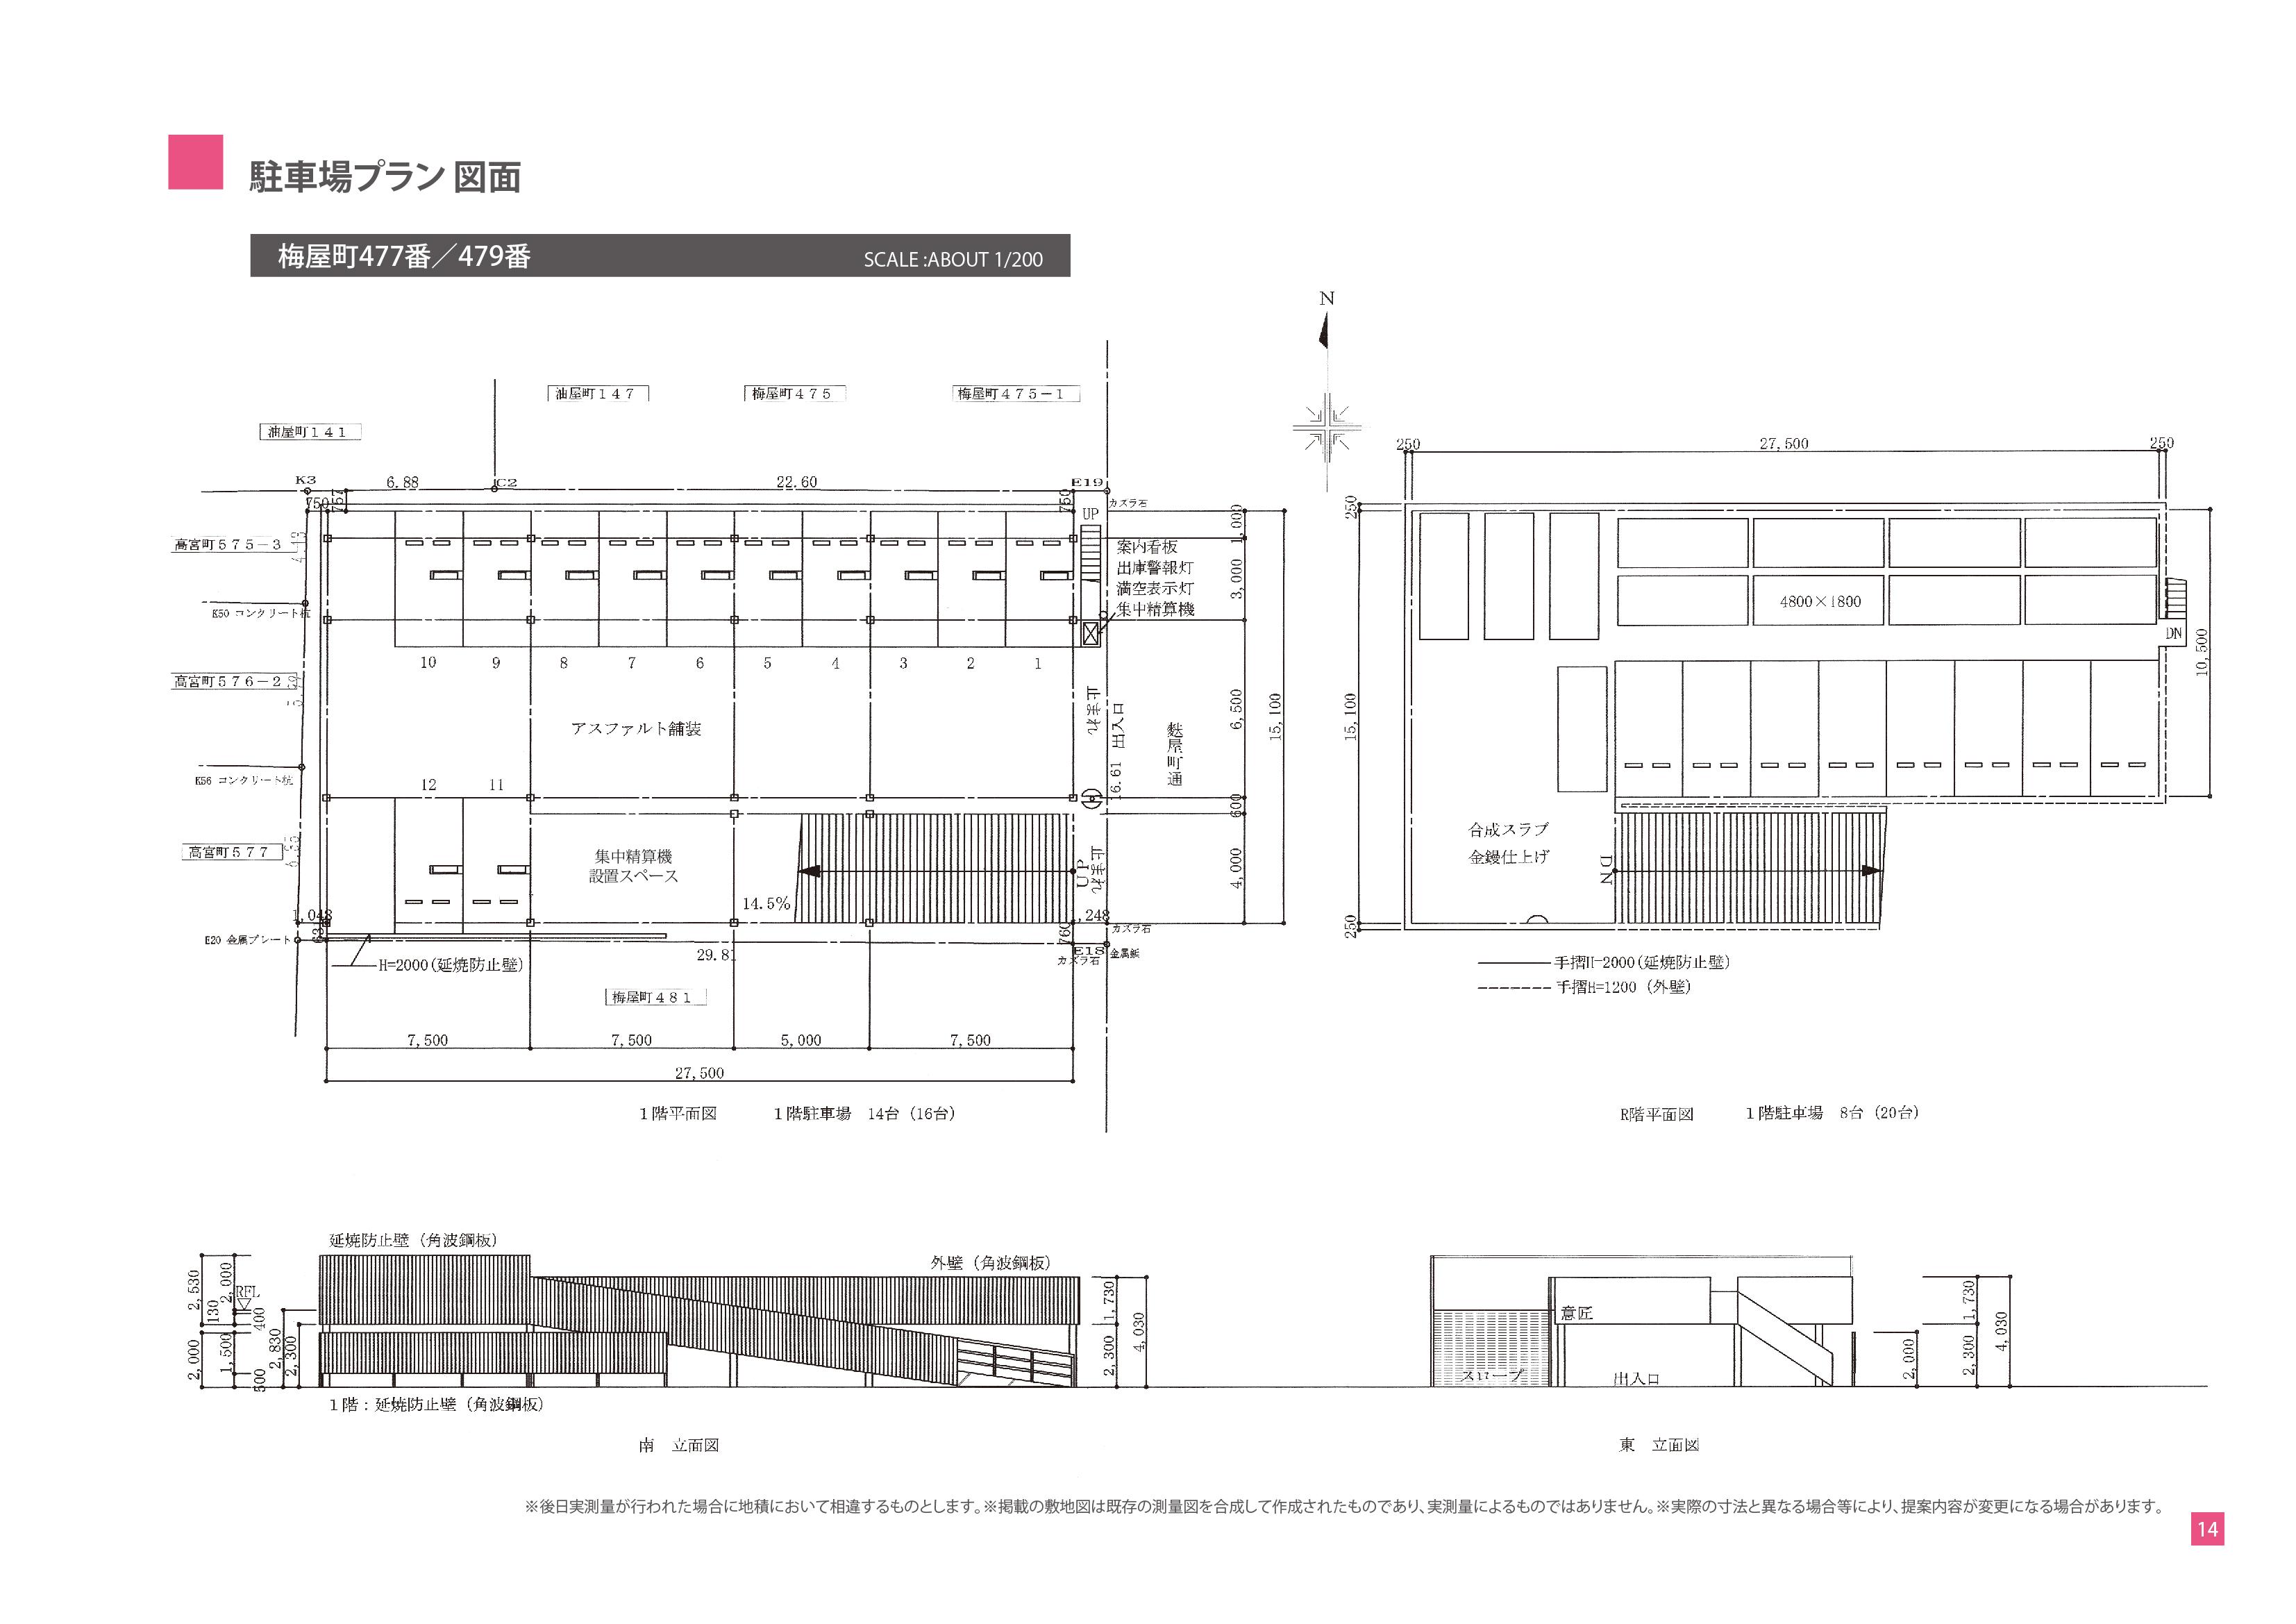 土地有効活用プロジェクト-駐車場経営のご提案-駐車場プラン 図面